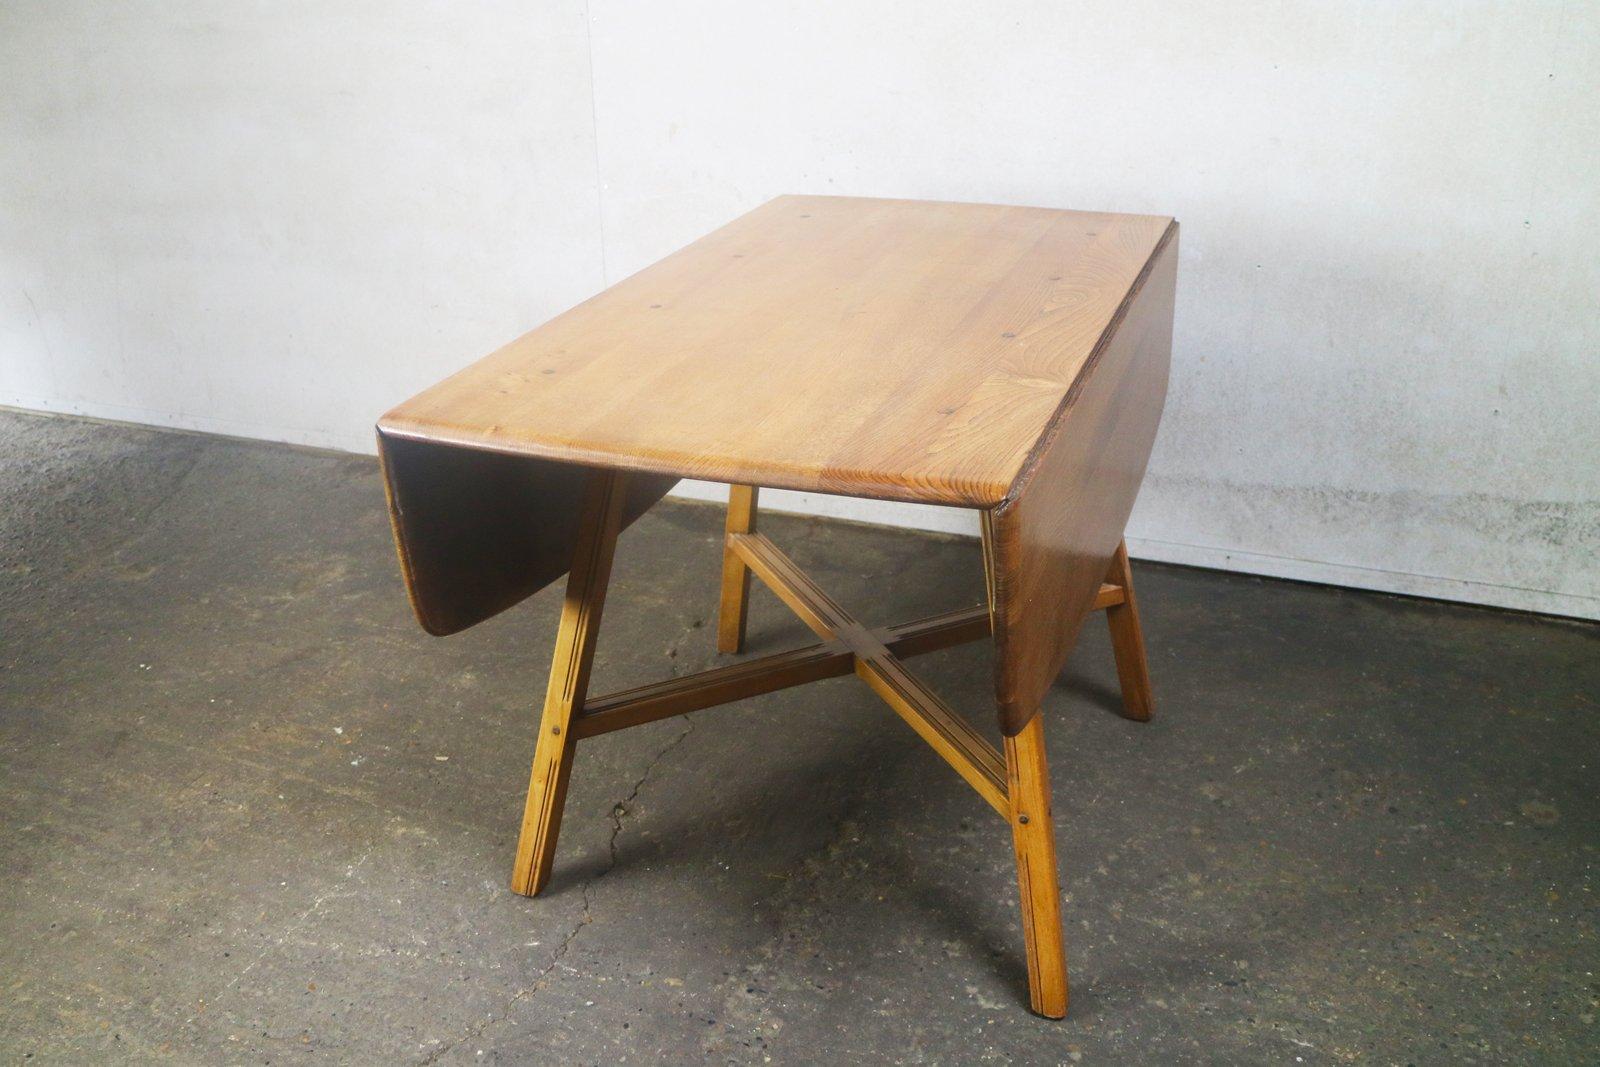 Mesa de comedor modelo 377 colonial de olmo y haya de Ercol, años 60 ...